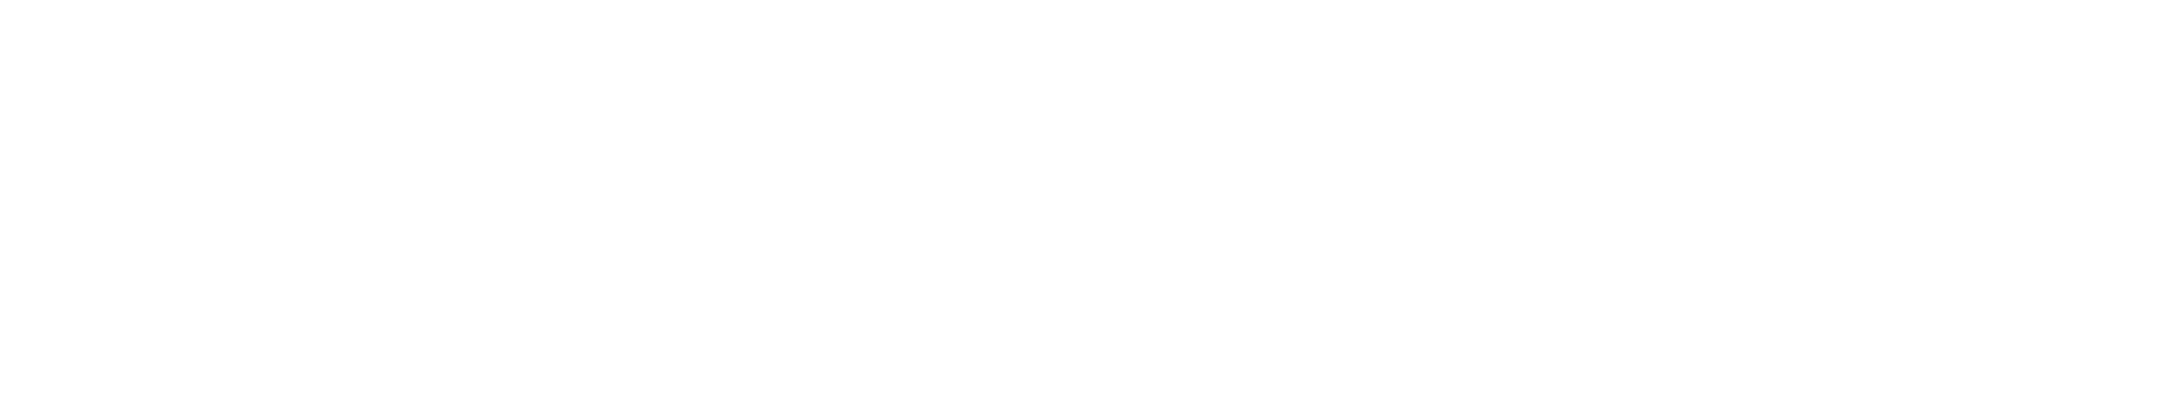 3CSWhite